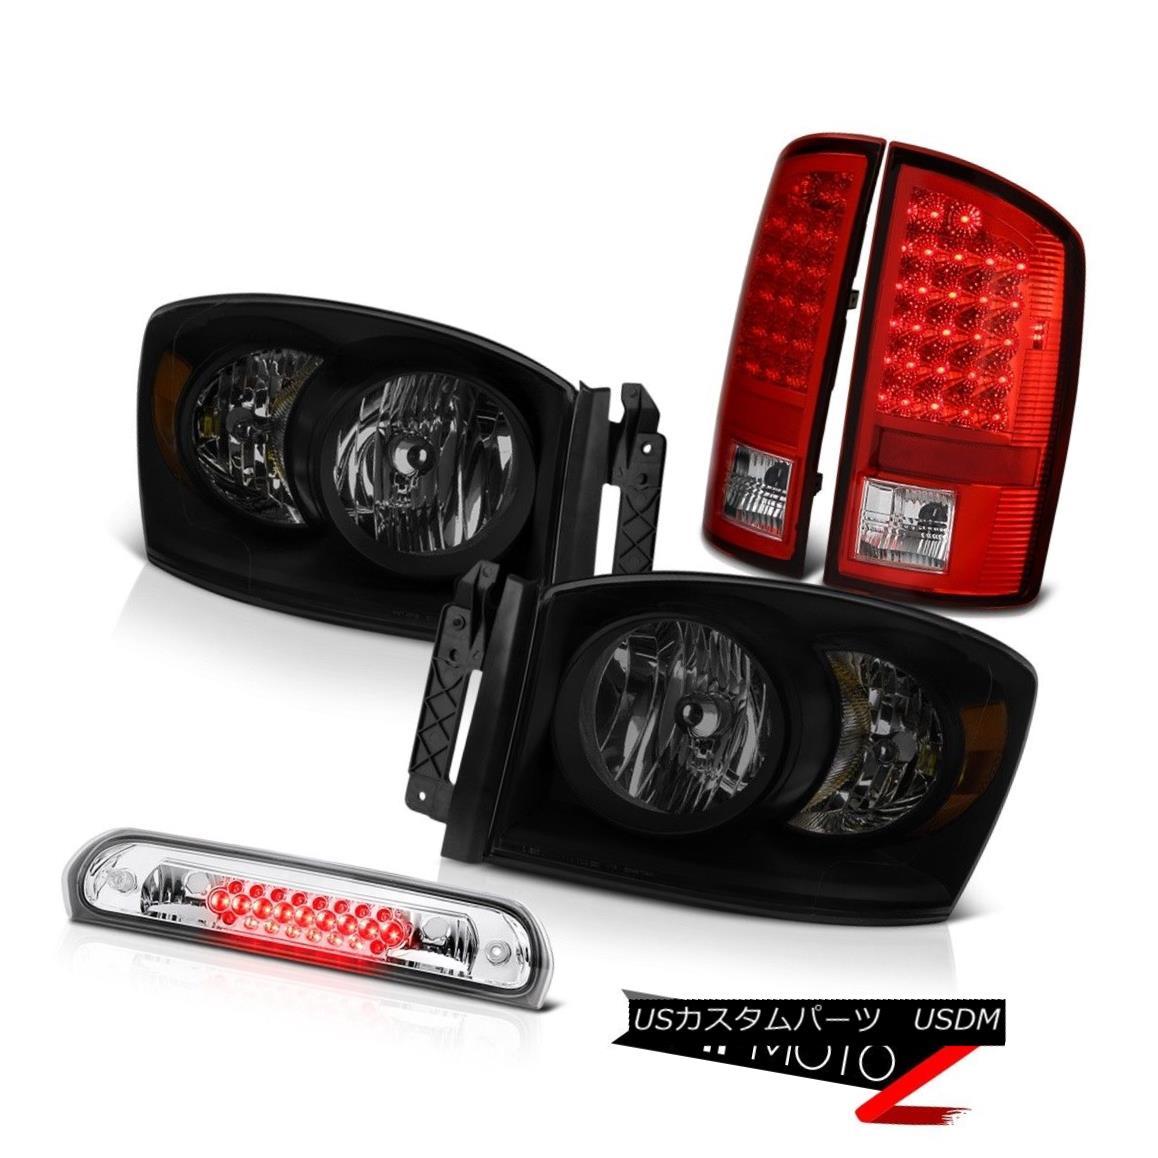 ヘッドライト 07-09 Dodge Ram 2500 3500 4.7L Headlights Roof Cargo Lamp Bloody Red Taillamps 07-09ダッジラム2500 3500 4.7Lヘッドライト屋根カーゴランプブラッディレッドタイルランプ